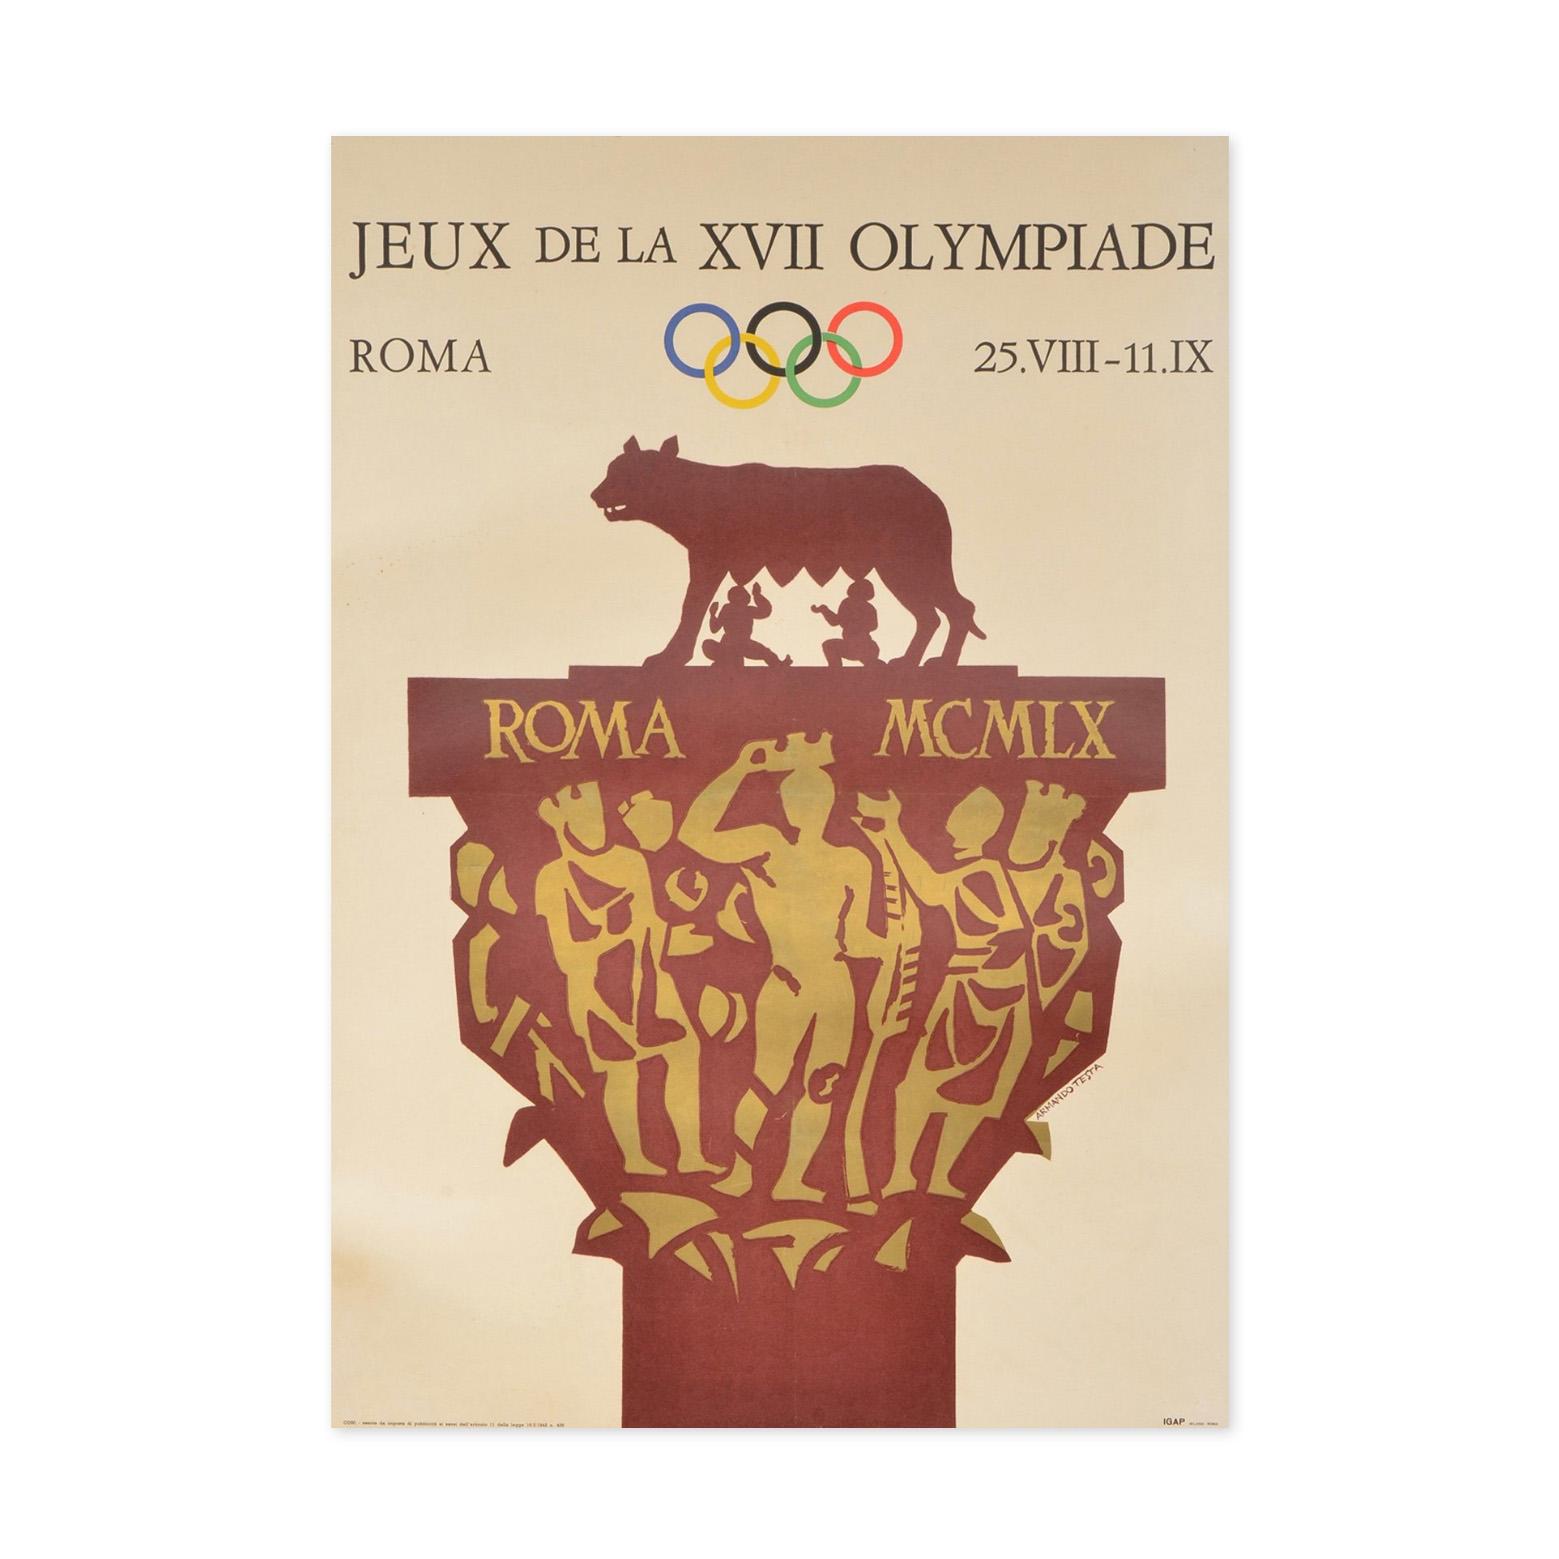 580€ Armando Testa, affiche officielledes jeux Olympiques d'été à Rome en 1960, version française,entoilée, 70,5x99,7cm.Drouot, 14d